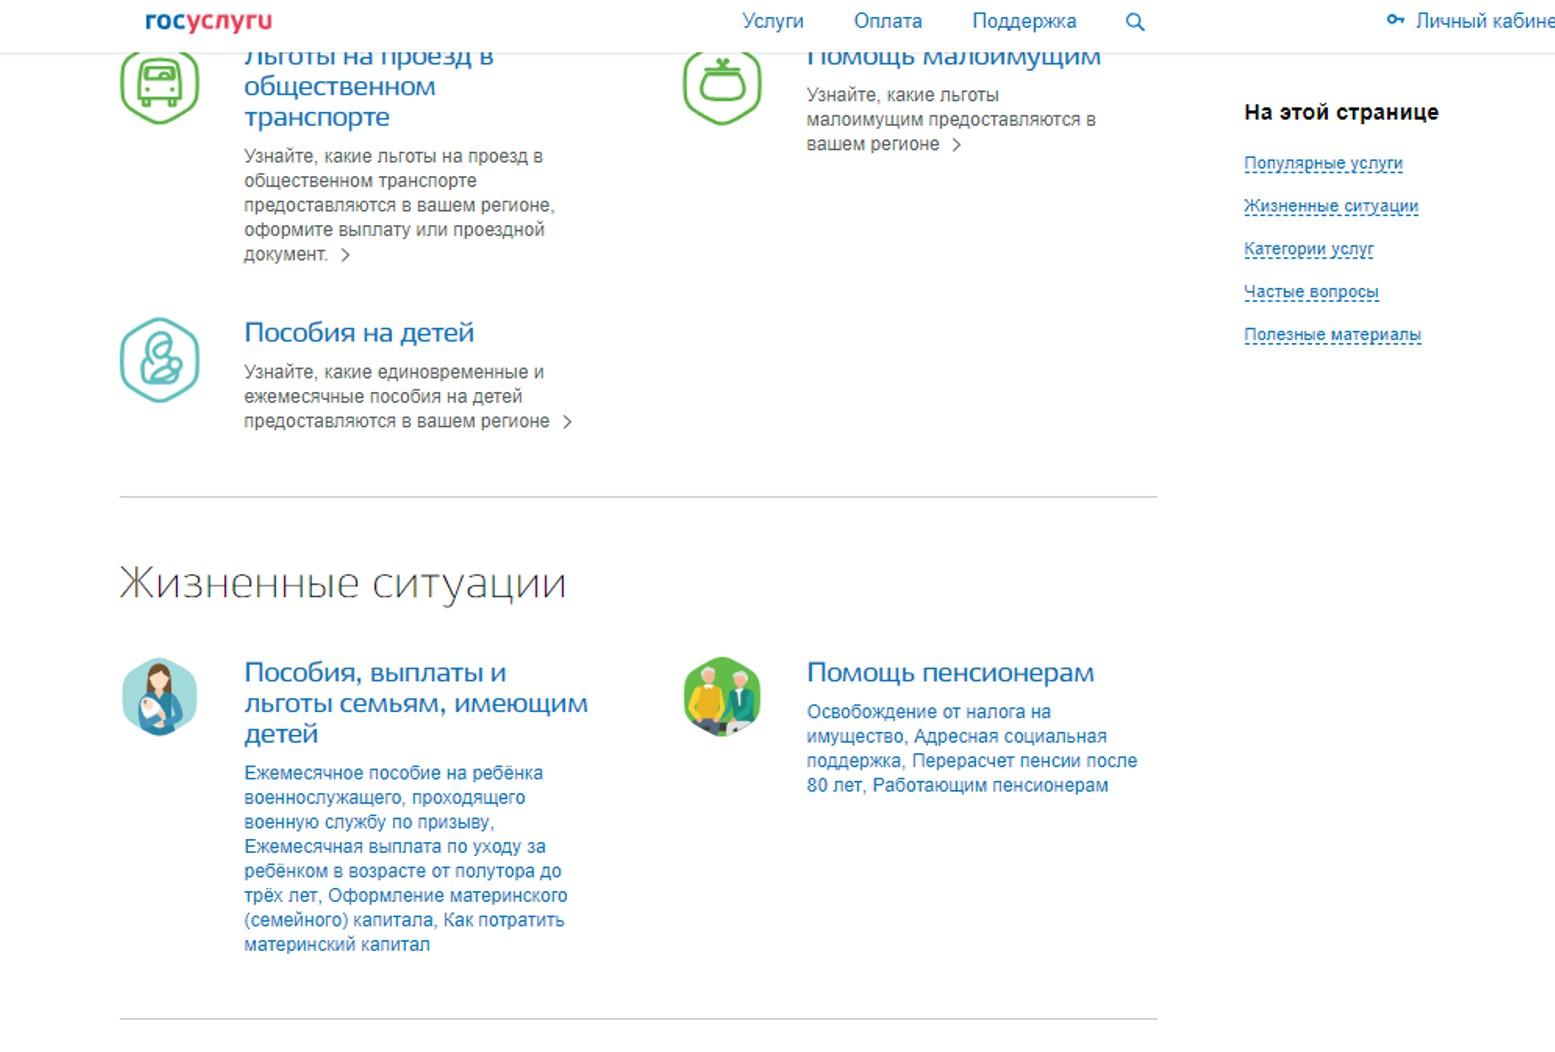 какие льготы полагаются 2 https://grosh-blog.ru